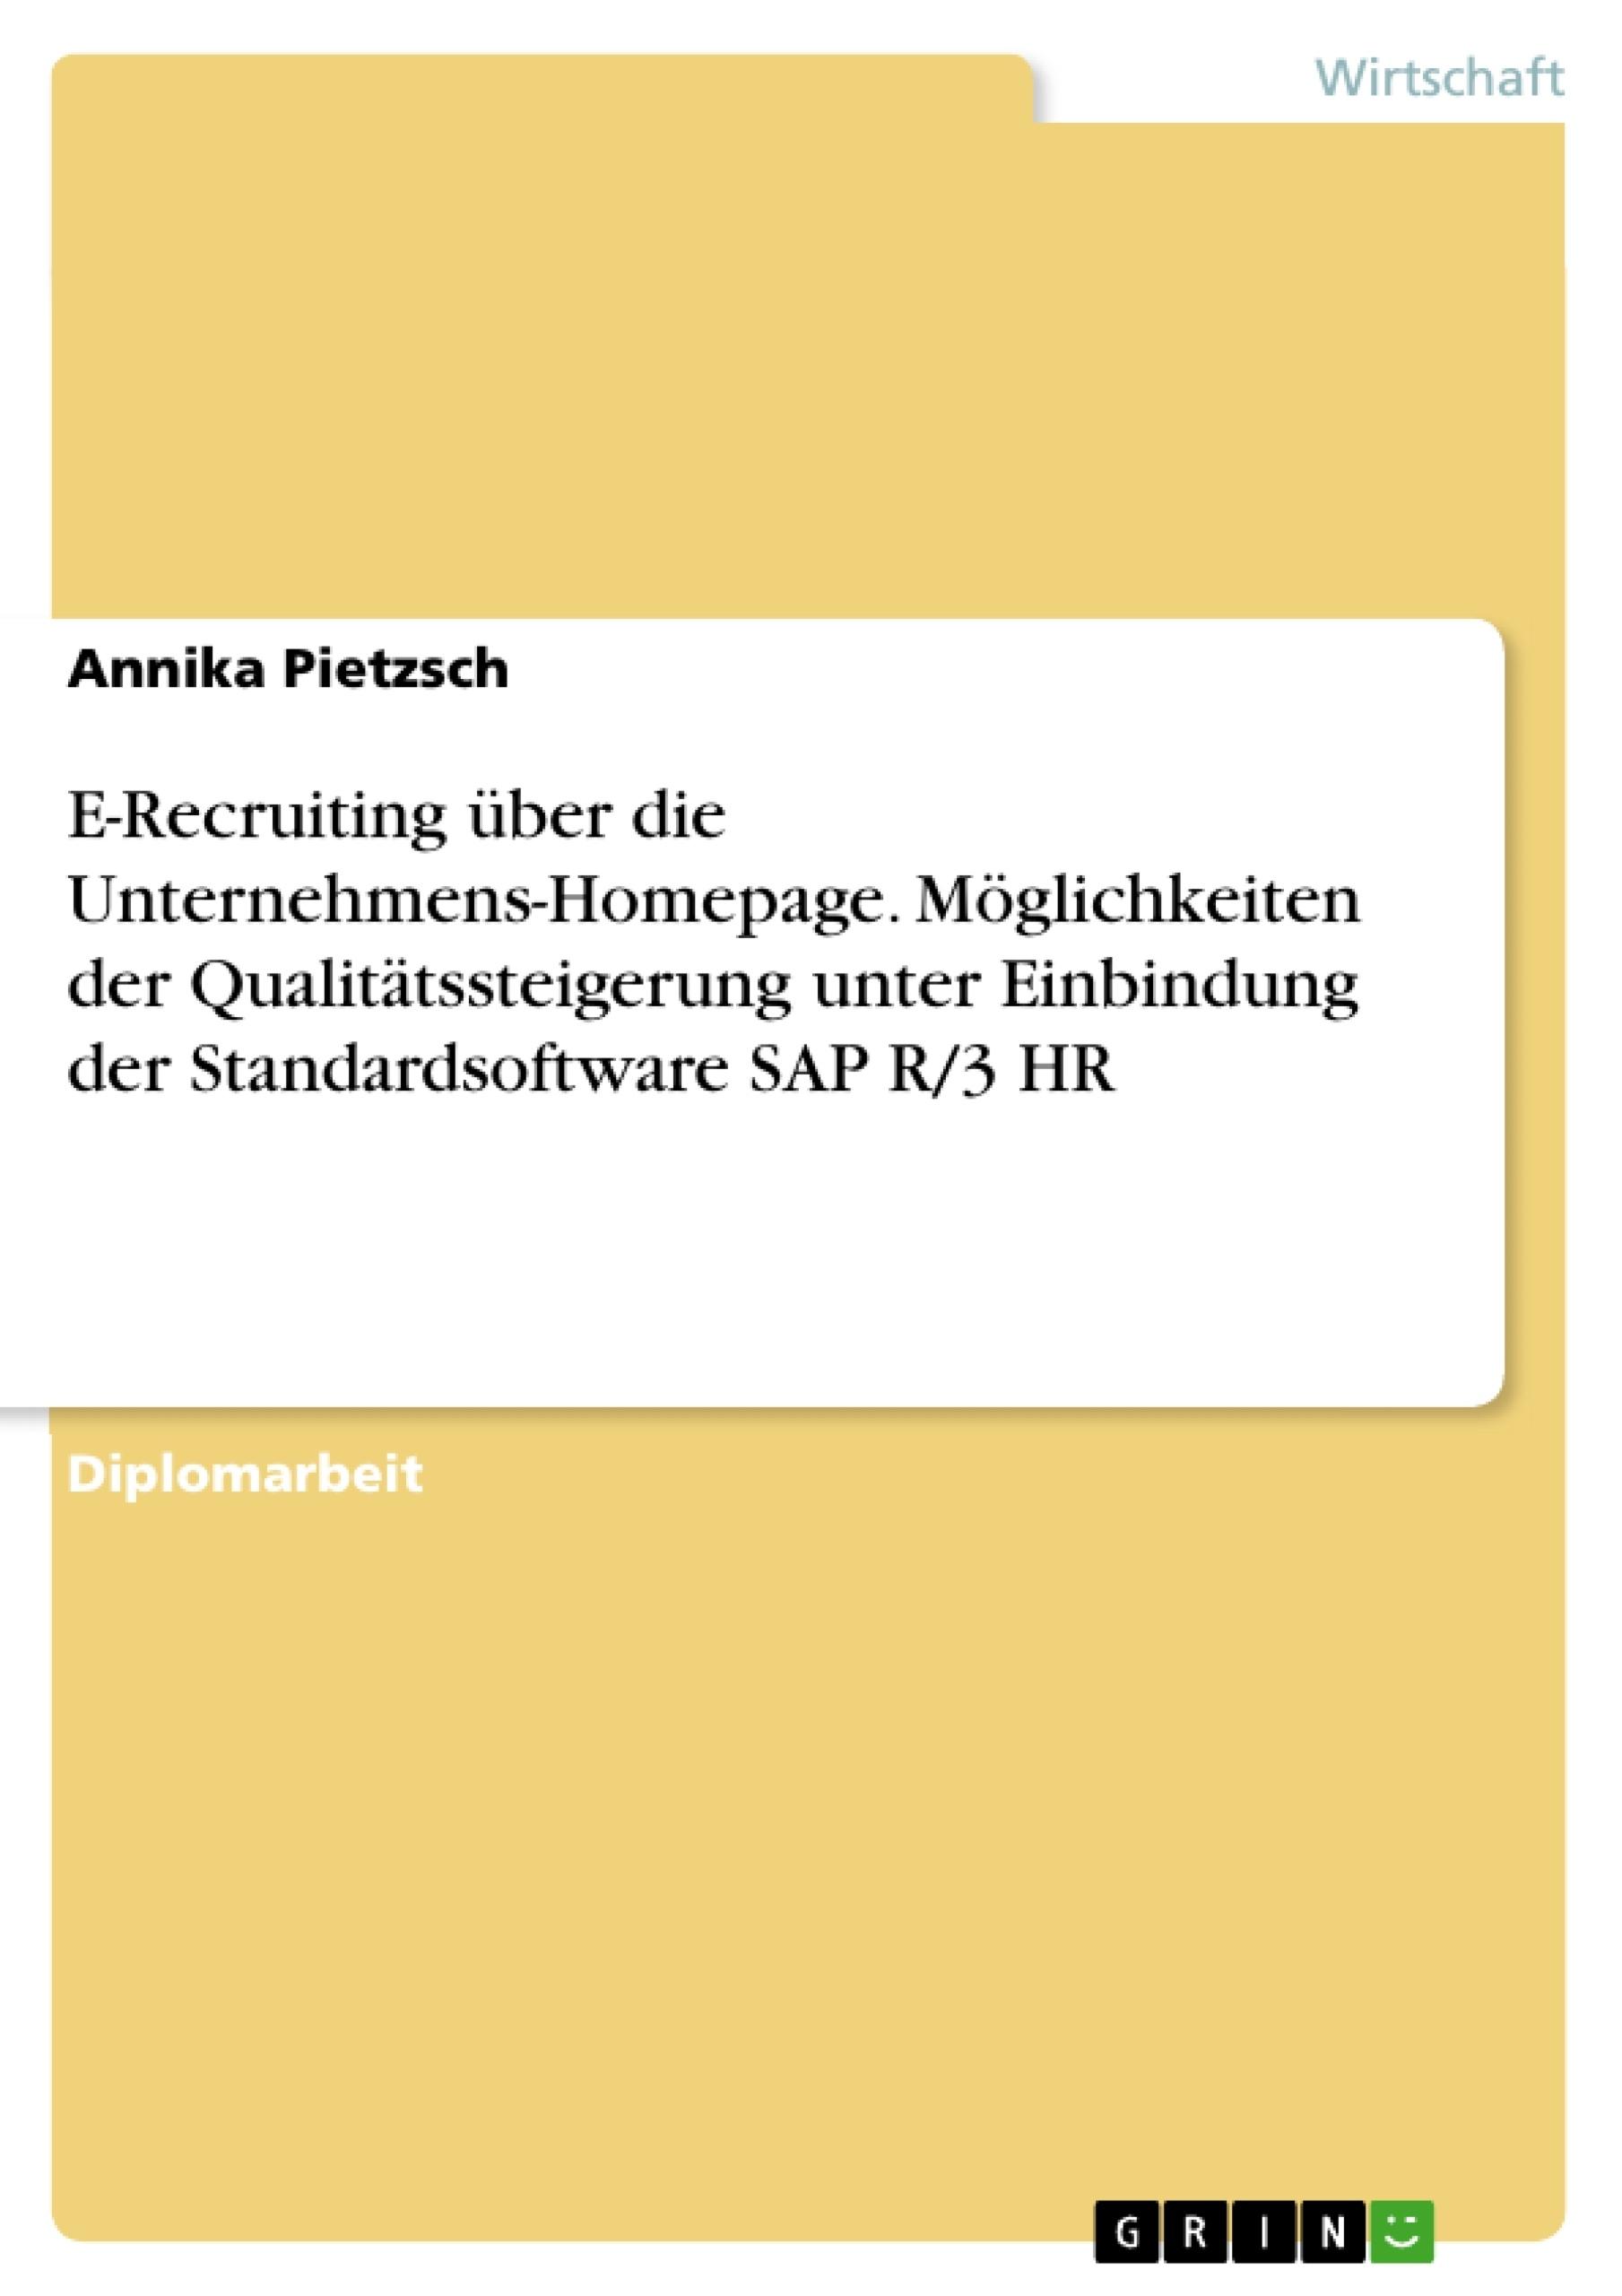 Titel: E-Recruiting über die Unternehmens-Homepage. Möglichkeiten der Qualitätssteigerung unter Einbindung der Standardsoftware SAP R/3 HR